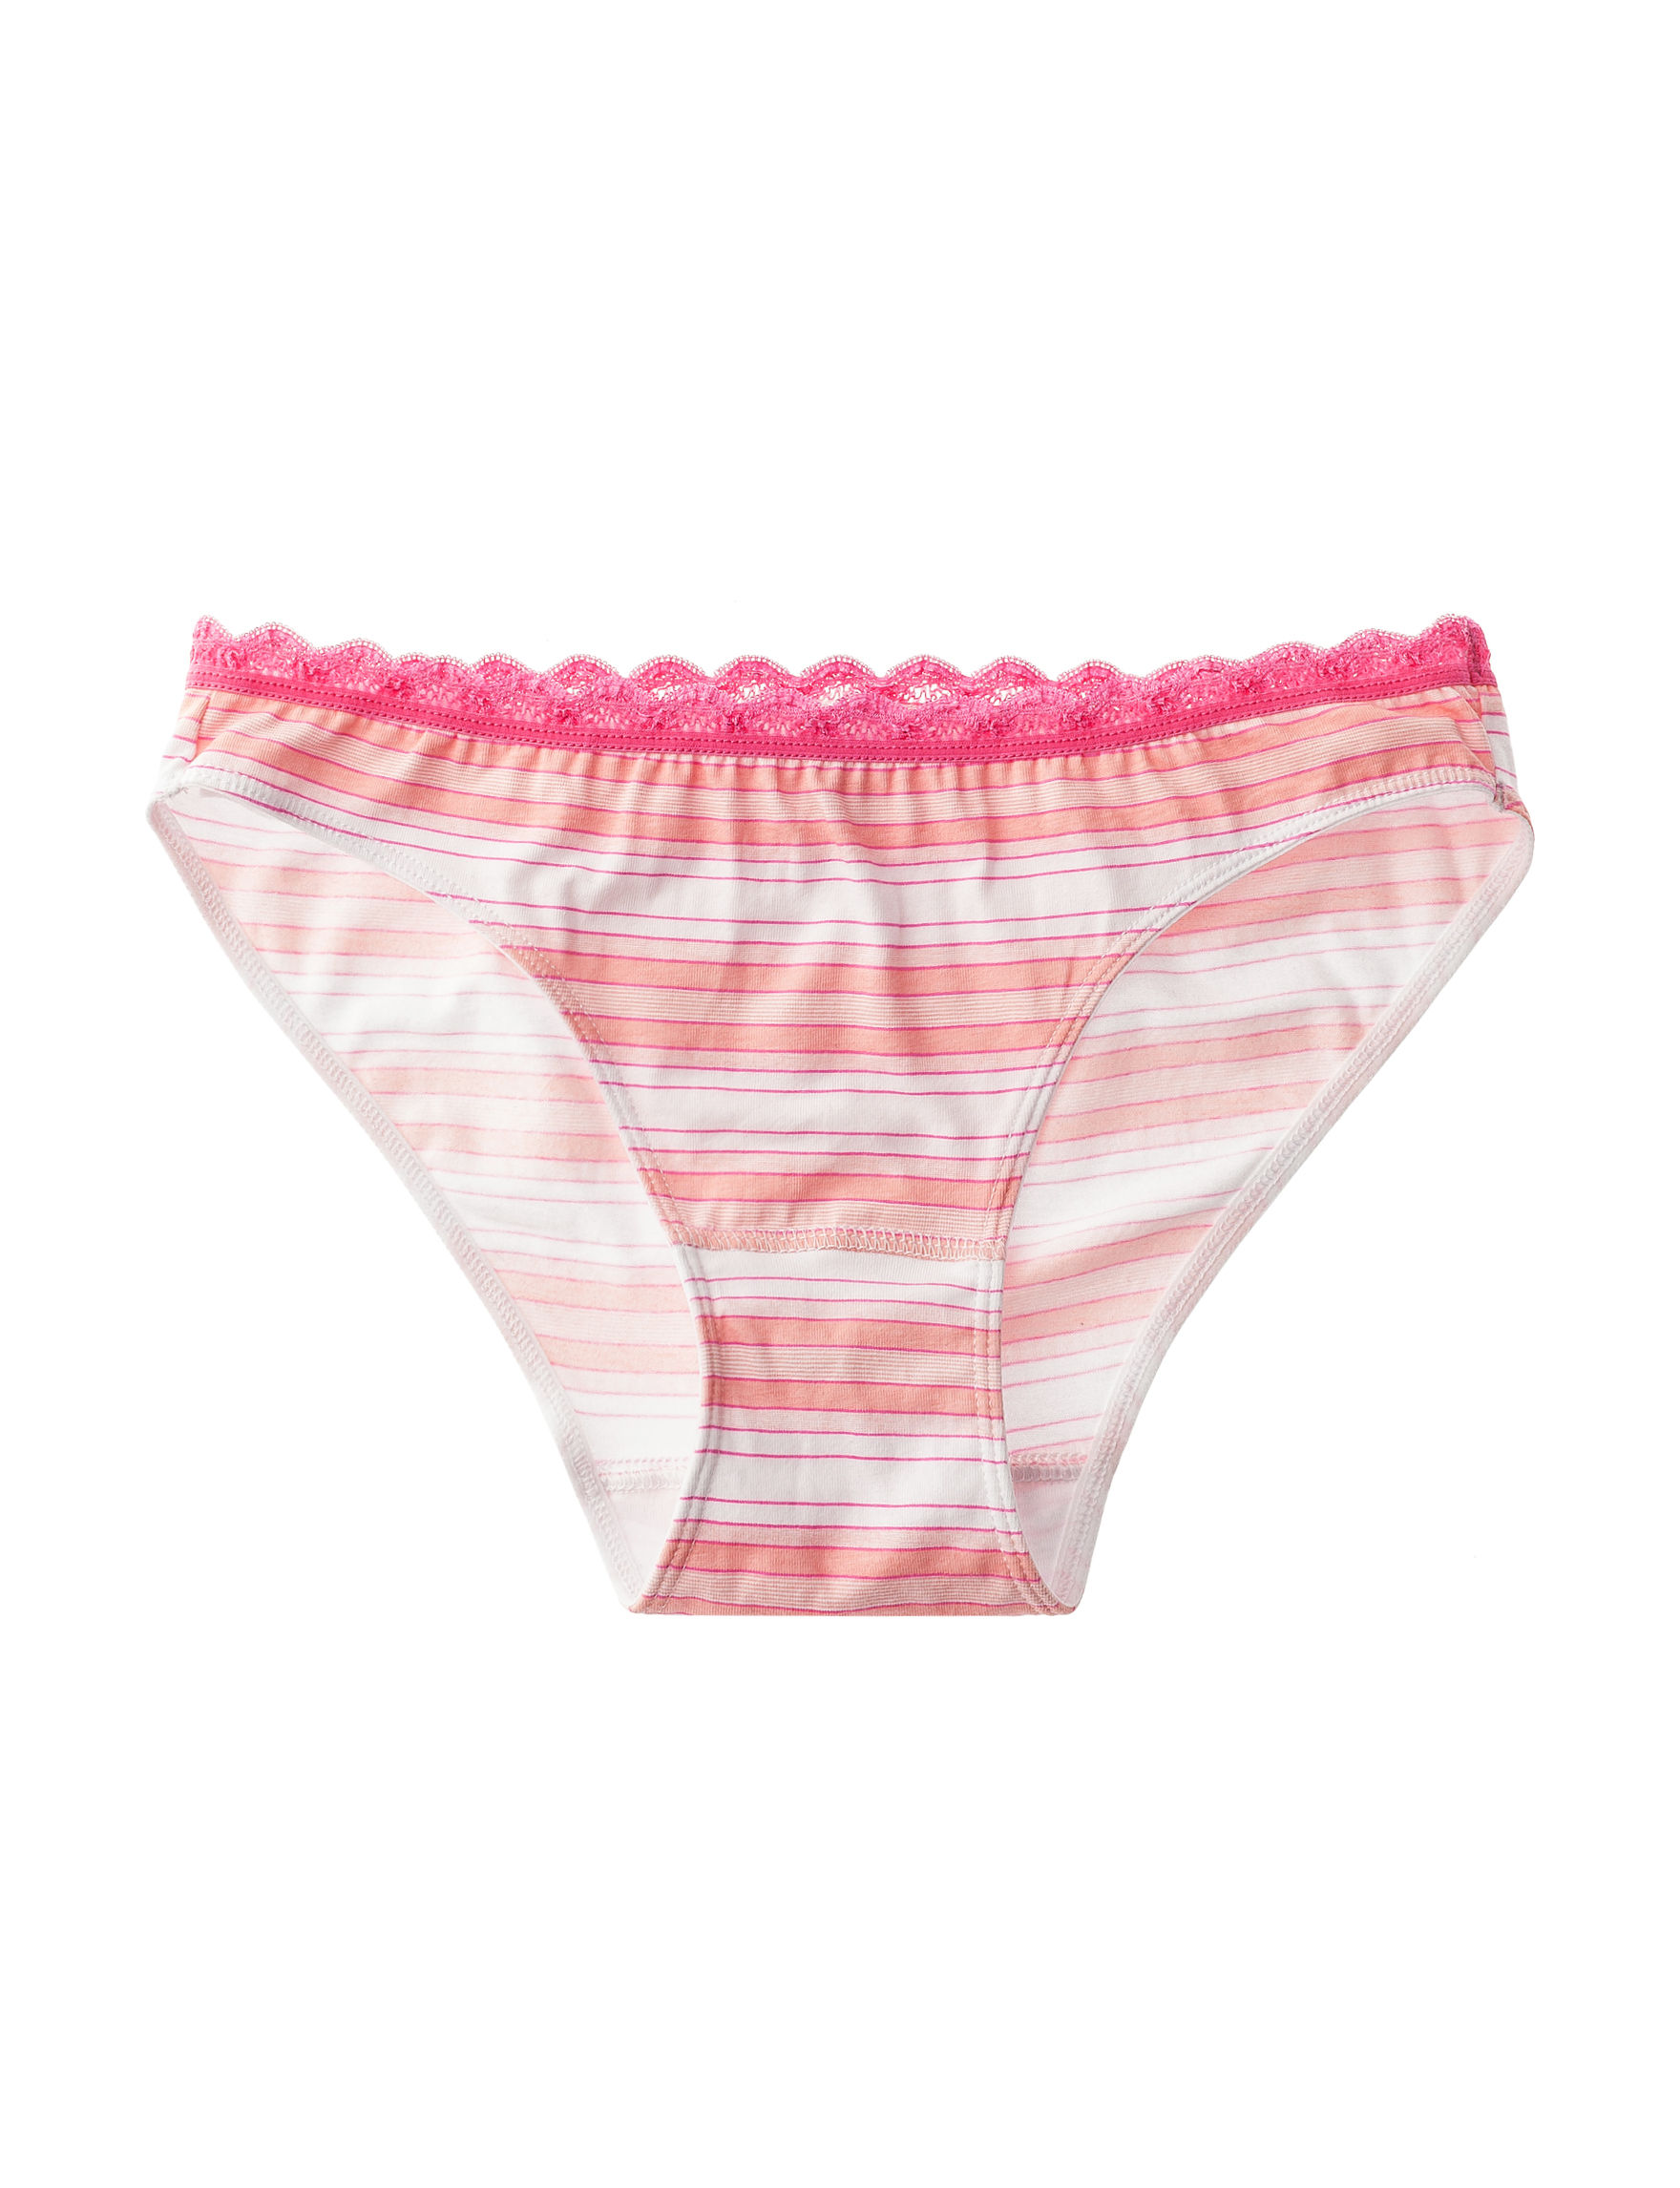 Rene Rofe Multi Panties Bikini High Cut